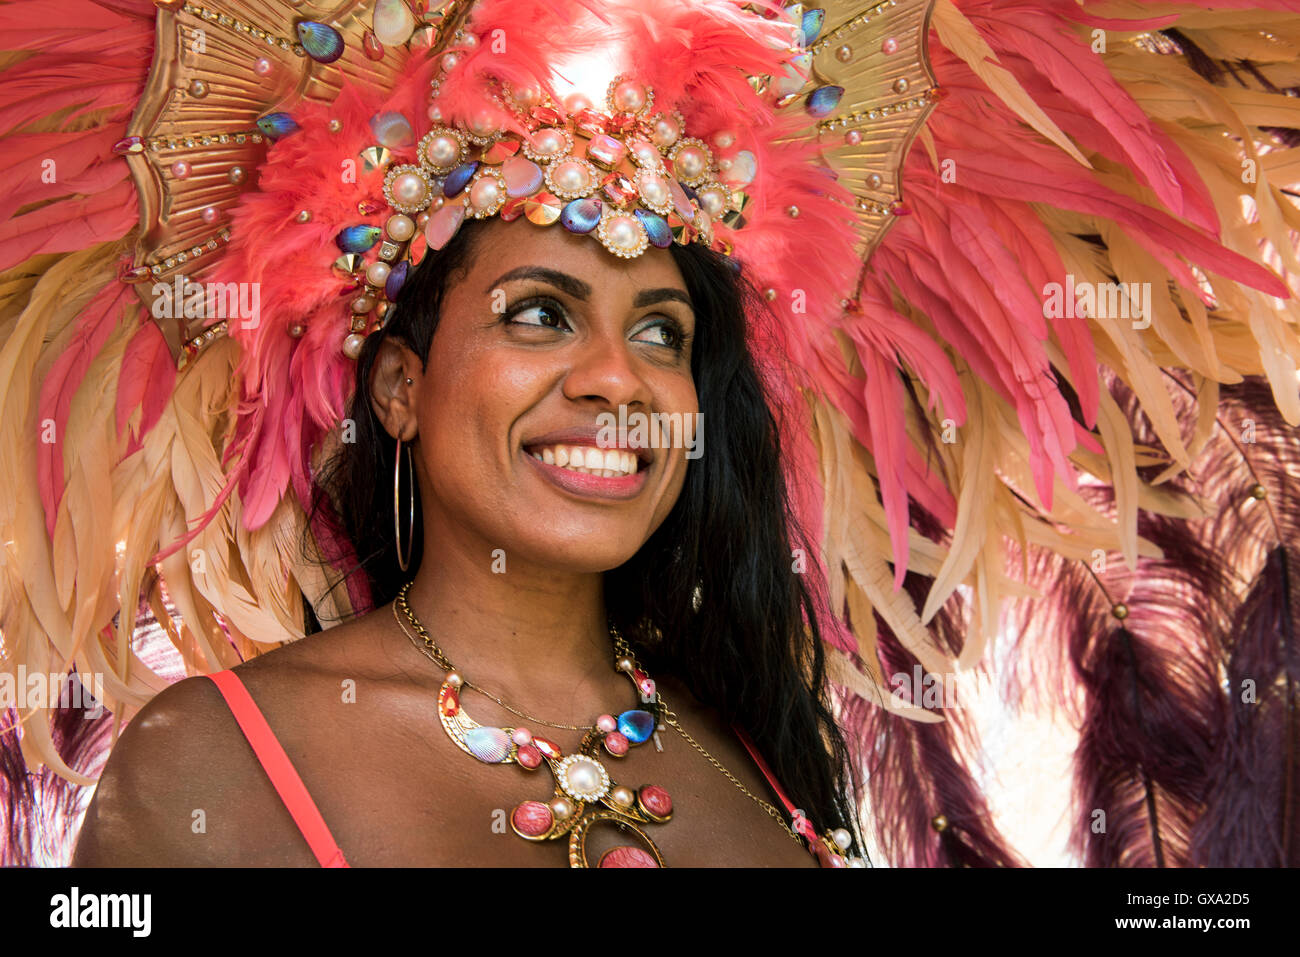 Smiling reveller at Notting Hill Carnival - Stock Image